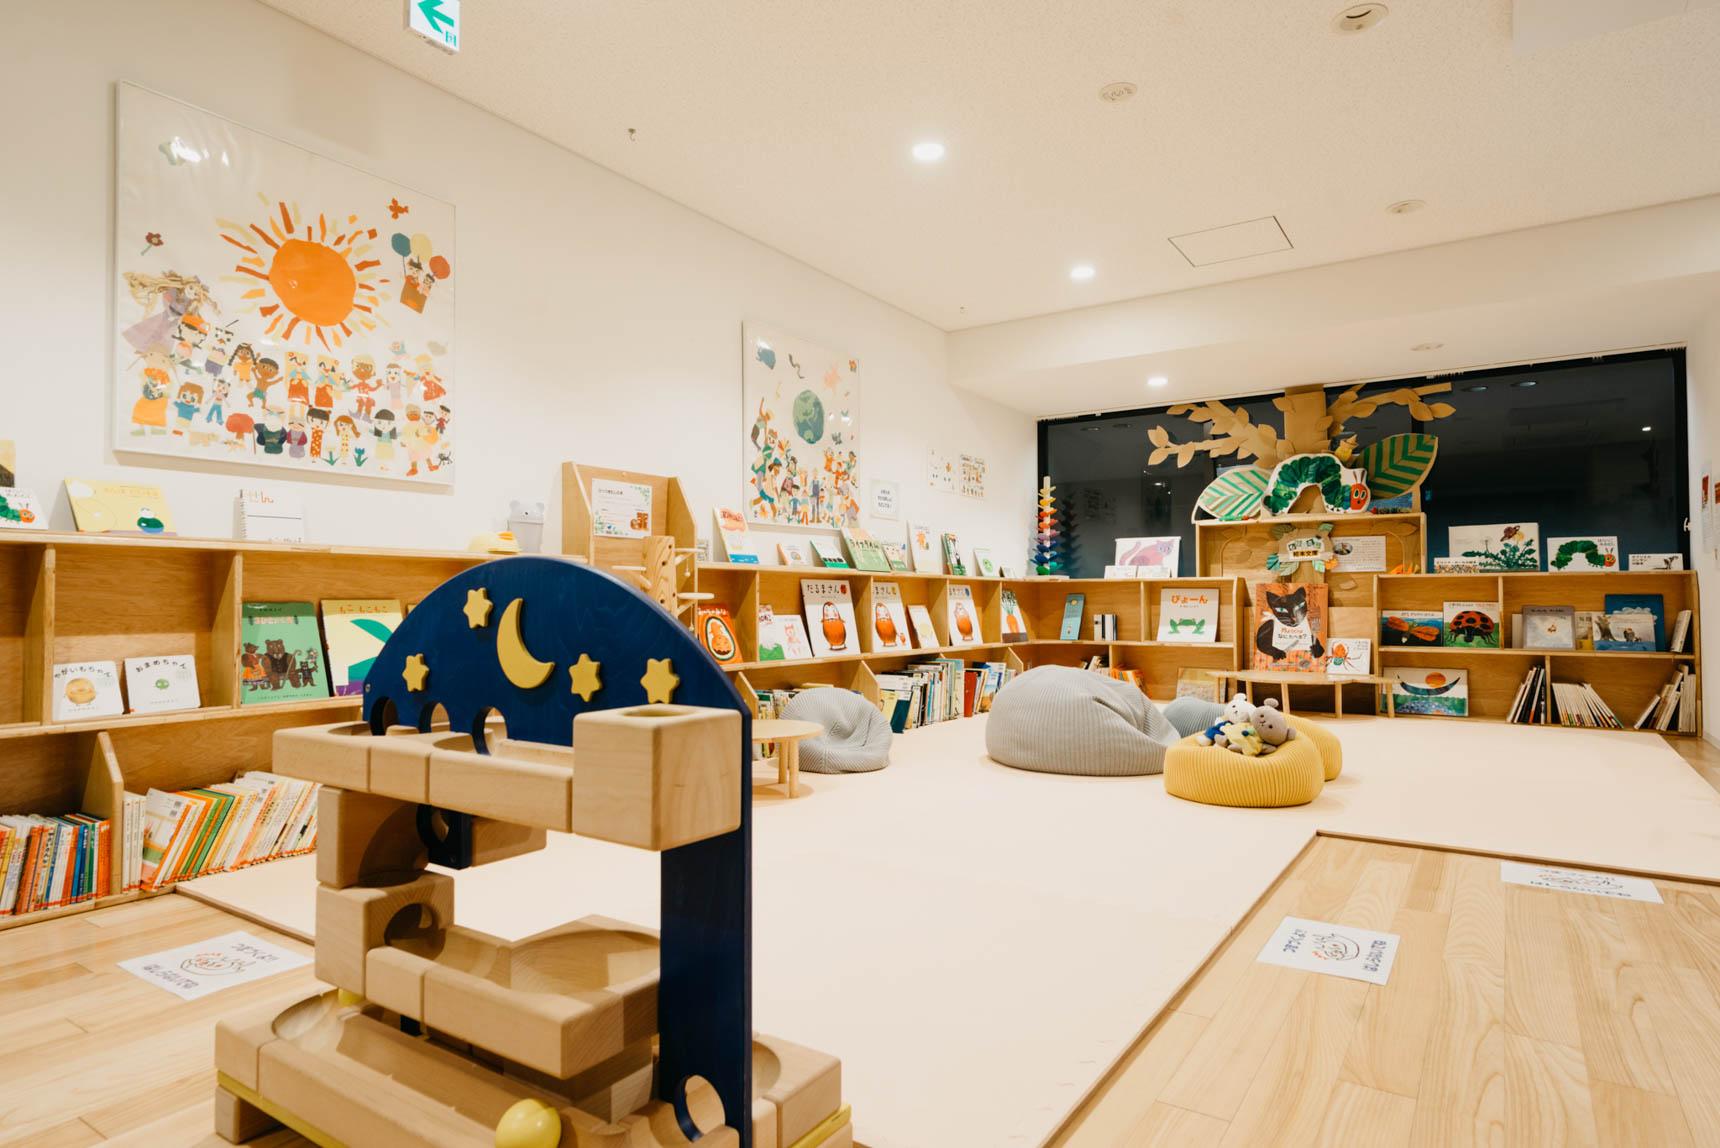 2Fには、子育てファミリーが集う場となるキッズスペース&絵本ライブラリー。学童クラブや認可保育園も敷地内に。